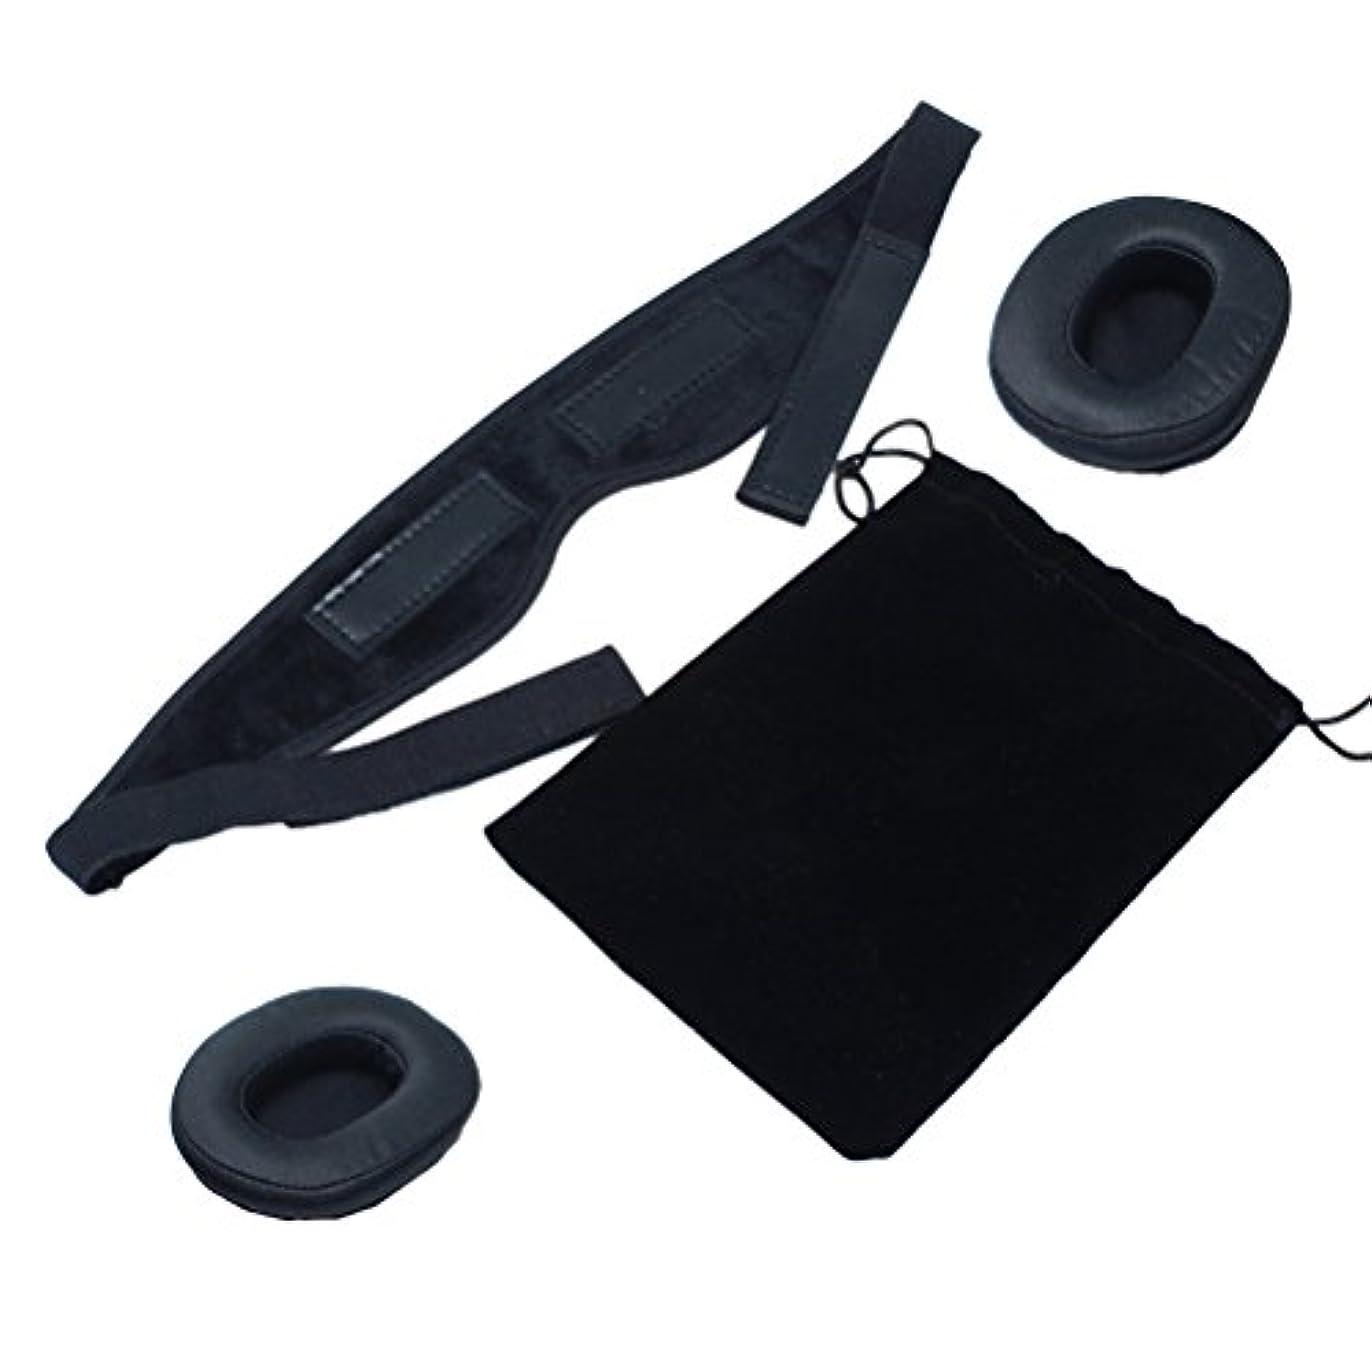 HEALLILYモジュラースリープマスク調節可能な3Dアイマスクナイトスリーピングブラインダーアイシェード